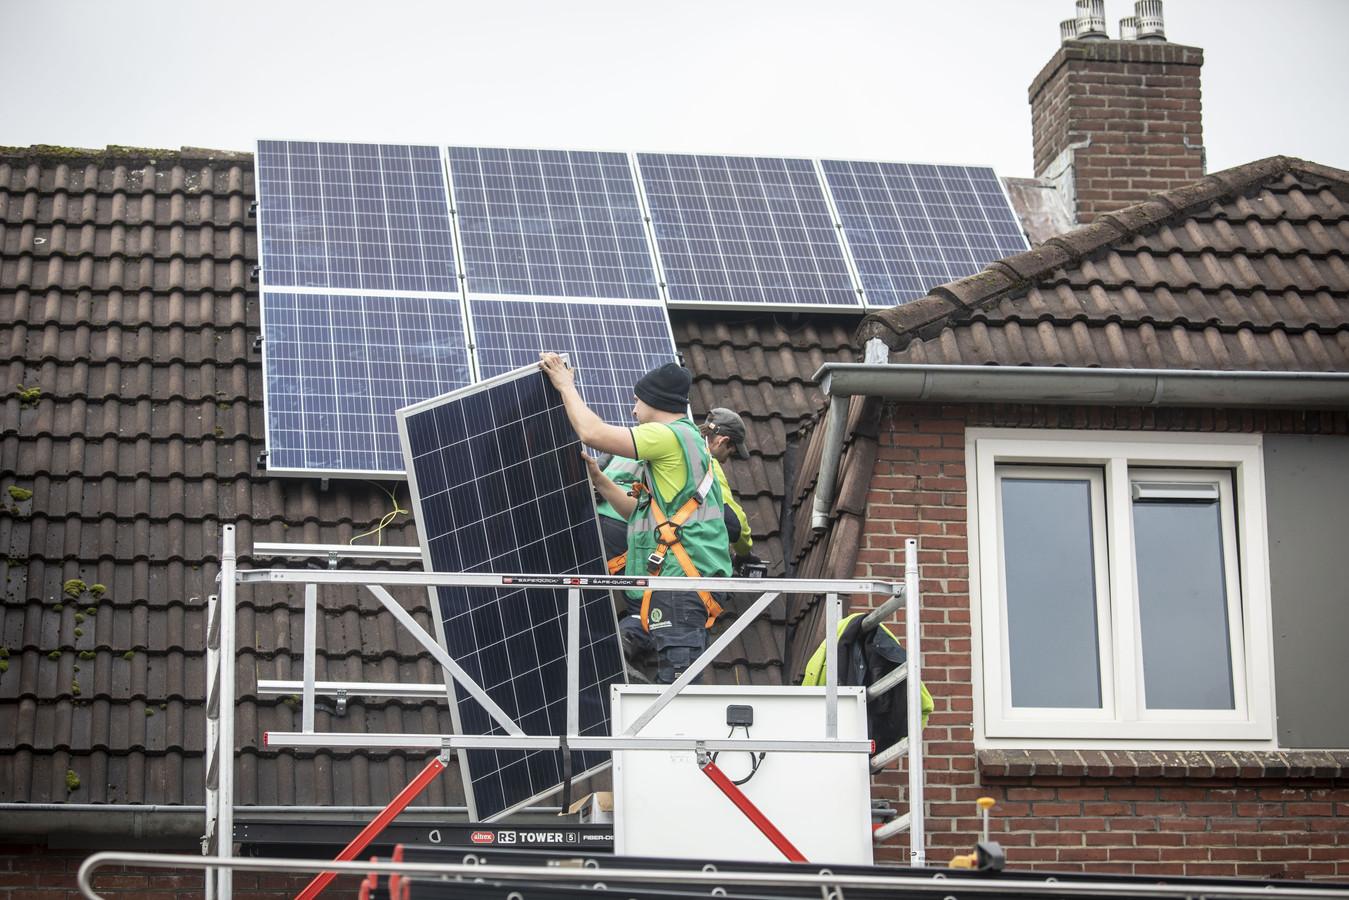 Huizen in Almelo worden voorzien van zonnepanelen.